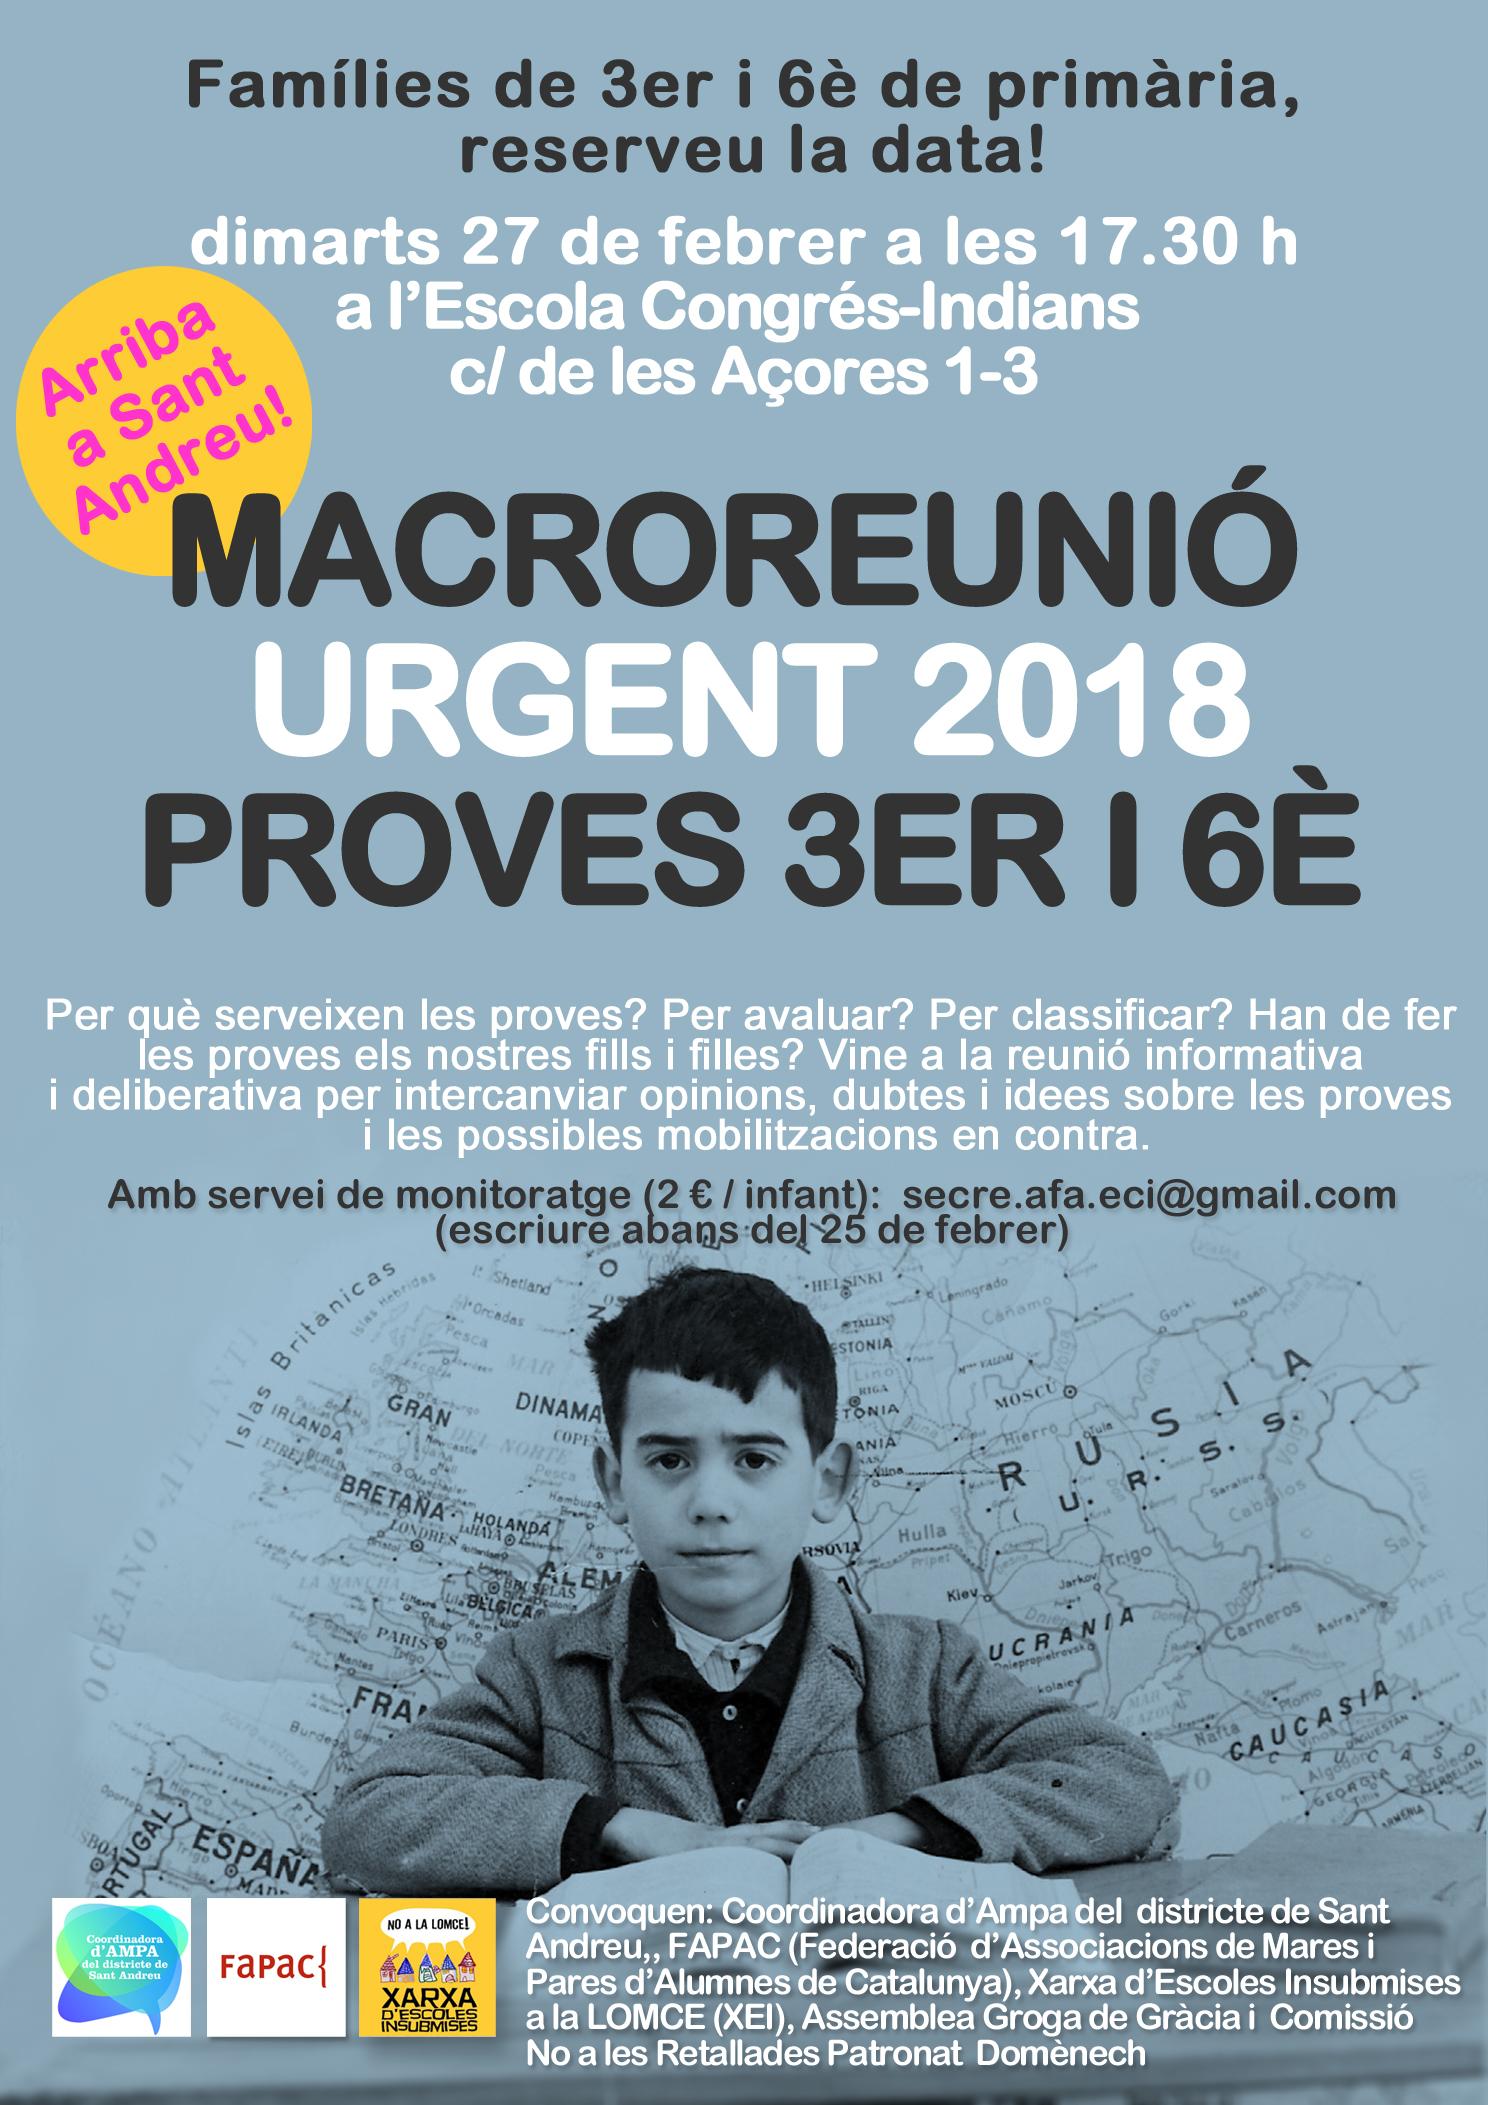 Megareunio Sant Andreu 2018